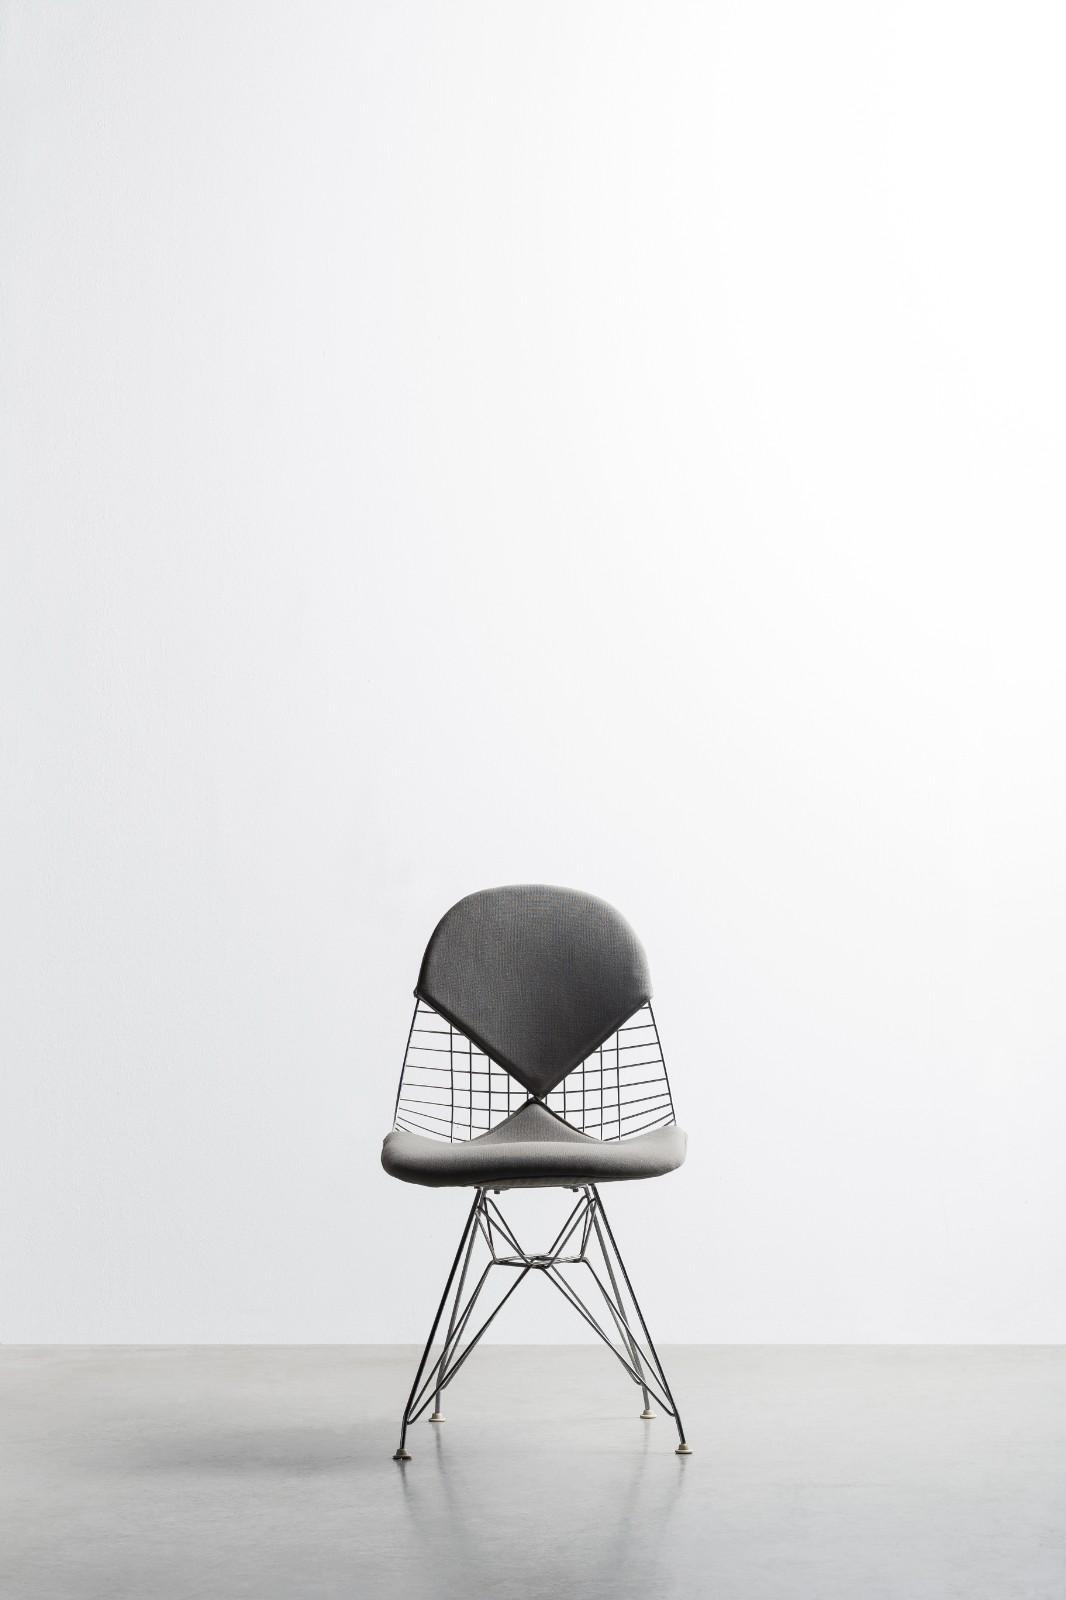 14 查爾斯·伊姆斯與蕾·伊姆斯 金屬線椅  1951年.jpg